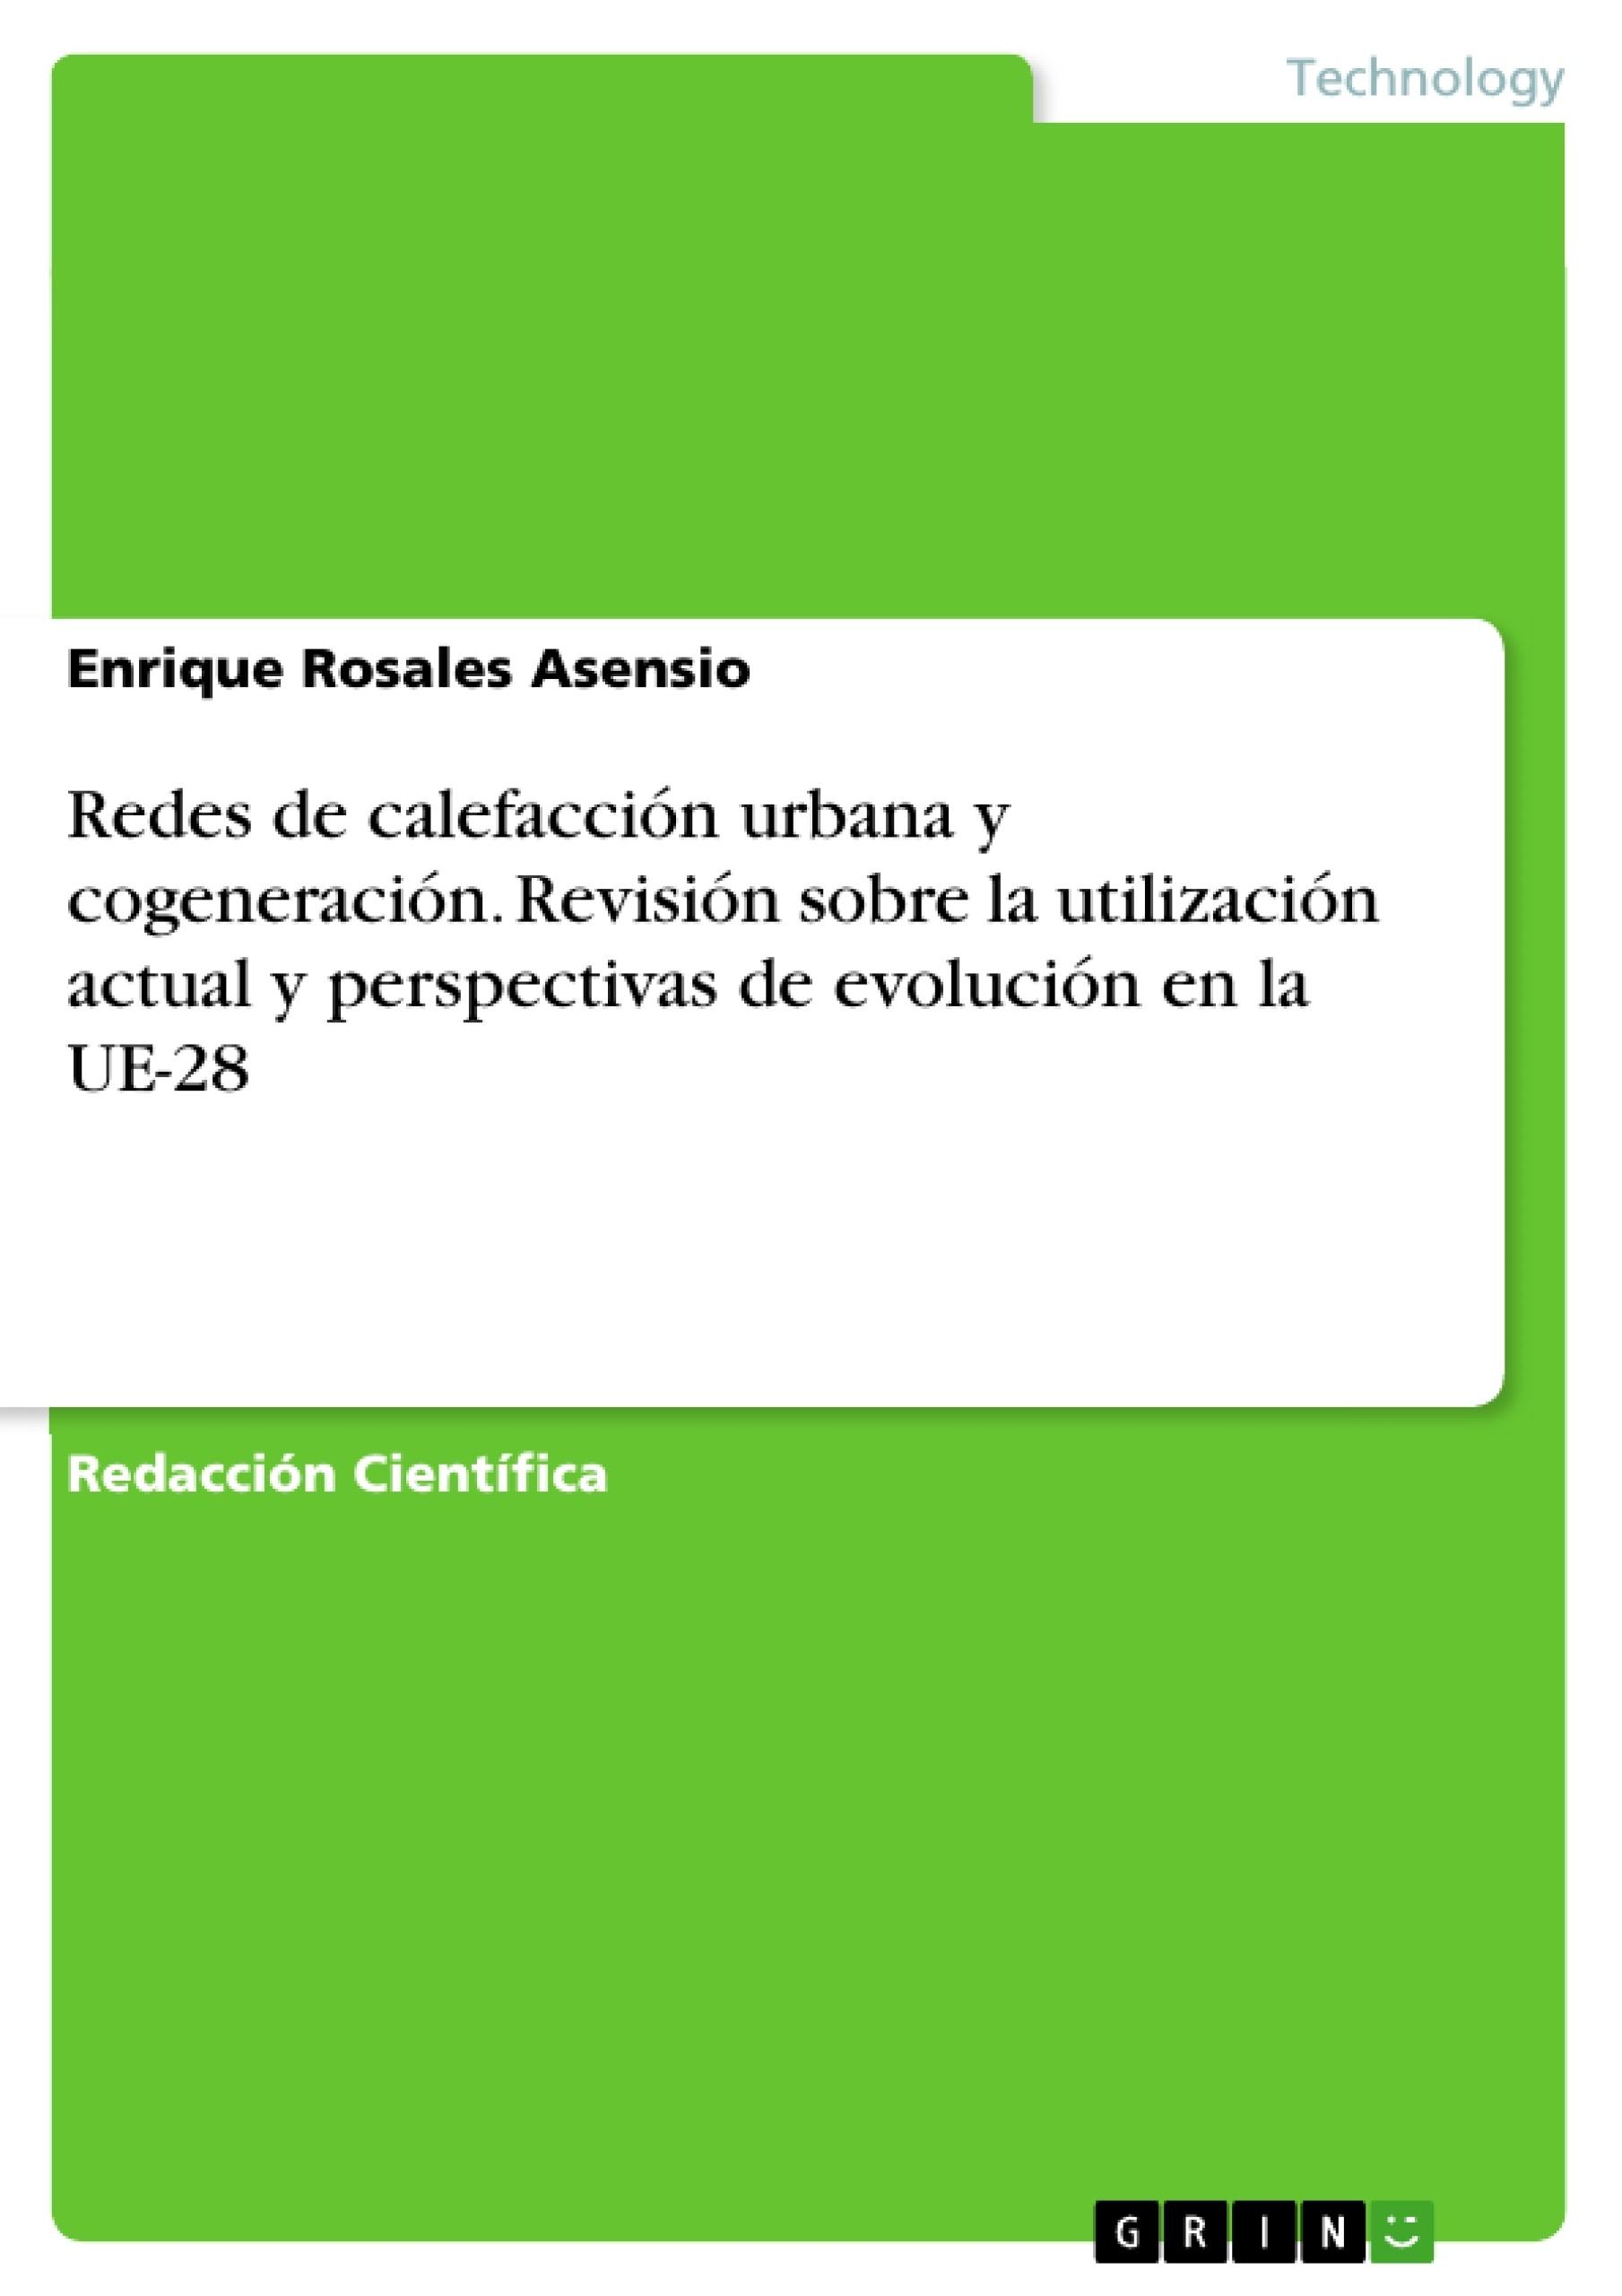 Título: Redes de calefacción urbana y cogeneración. Revisión sobre la utilización actual y perspectivas de evolución en la UE-28